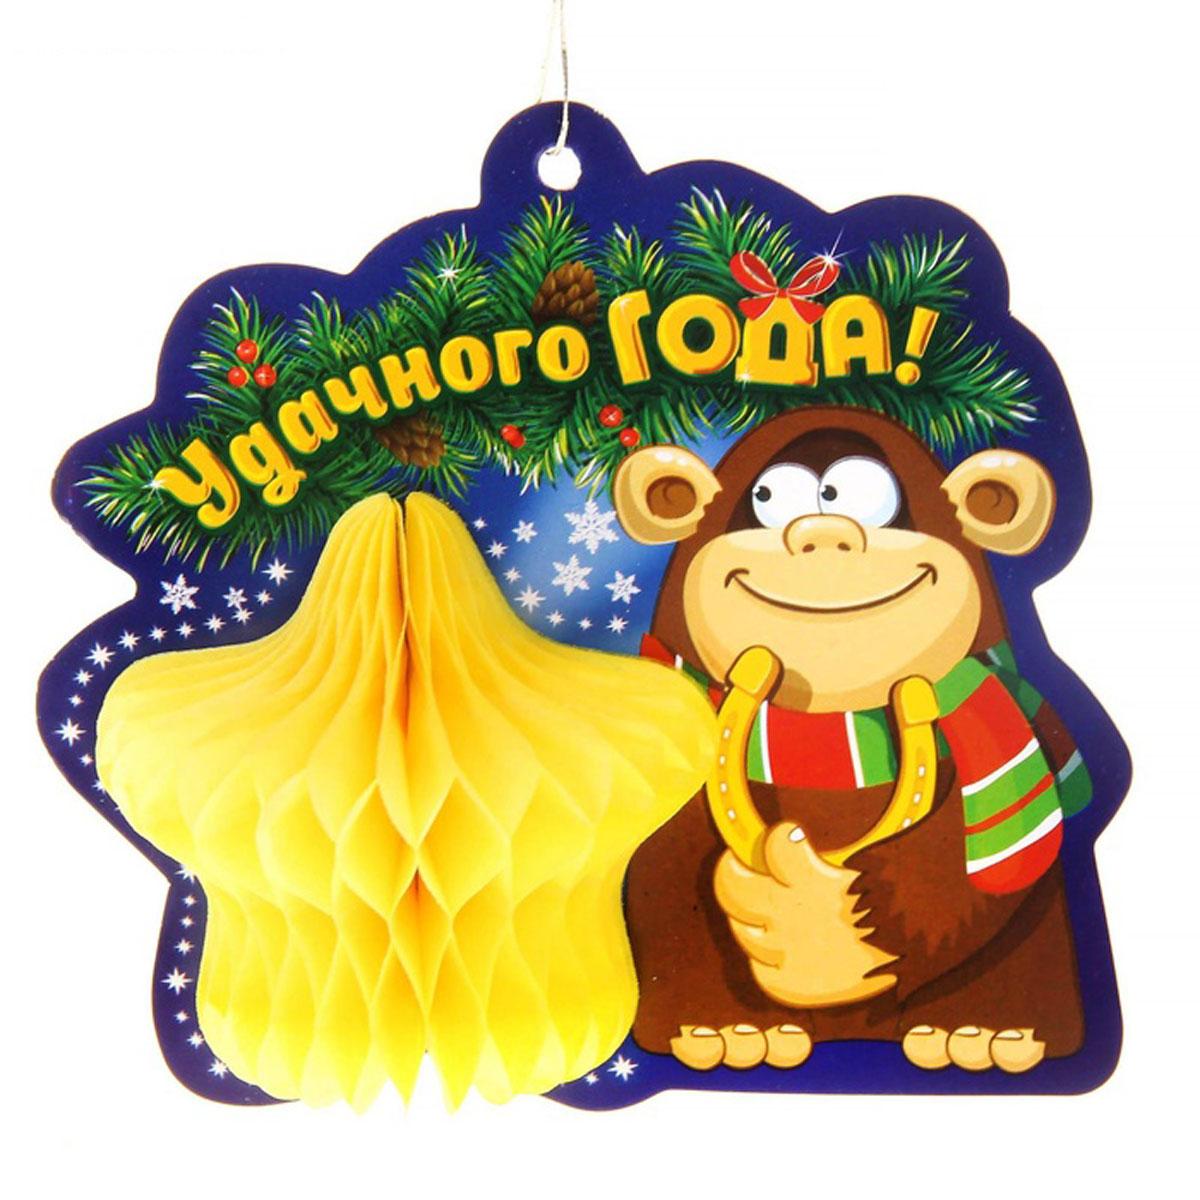 Новогоднее подвесное украшение Sima-land Удачного года!, объемное новогоднее подвесное украшение sima land денежного года 9 5 см х 10 см х 5 см